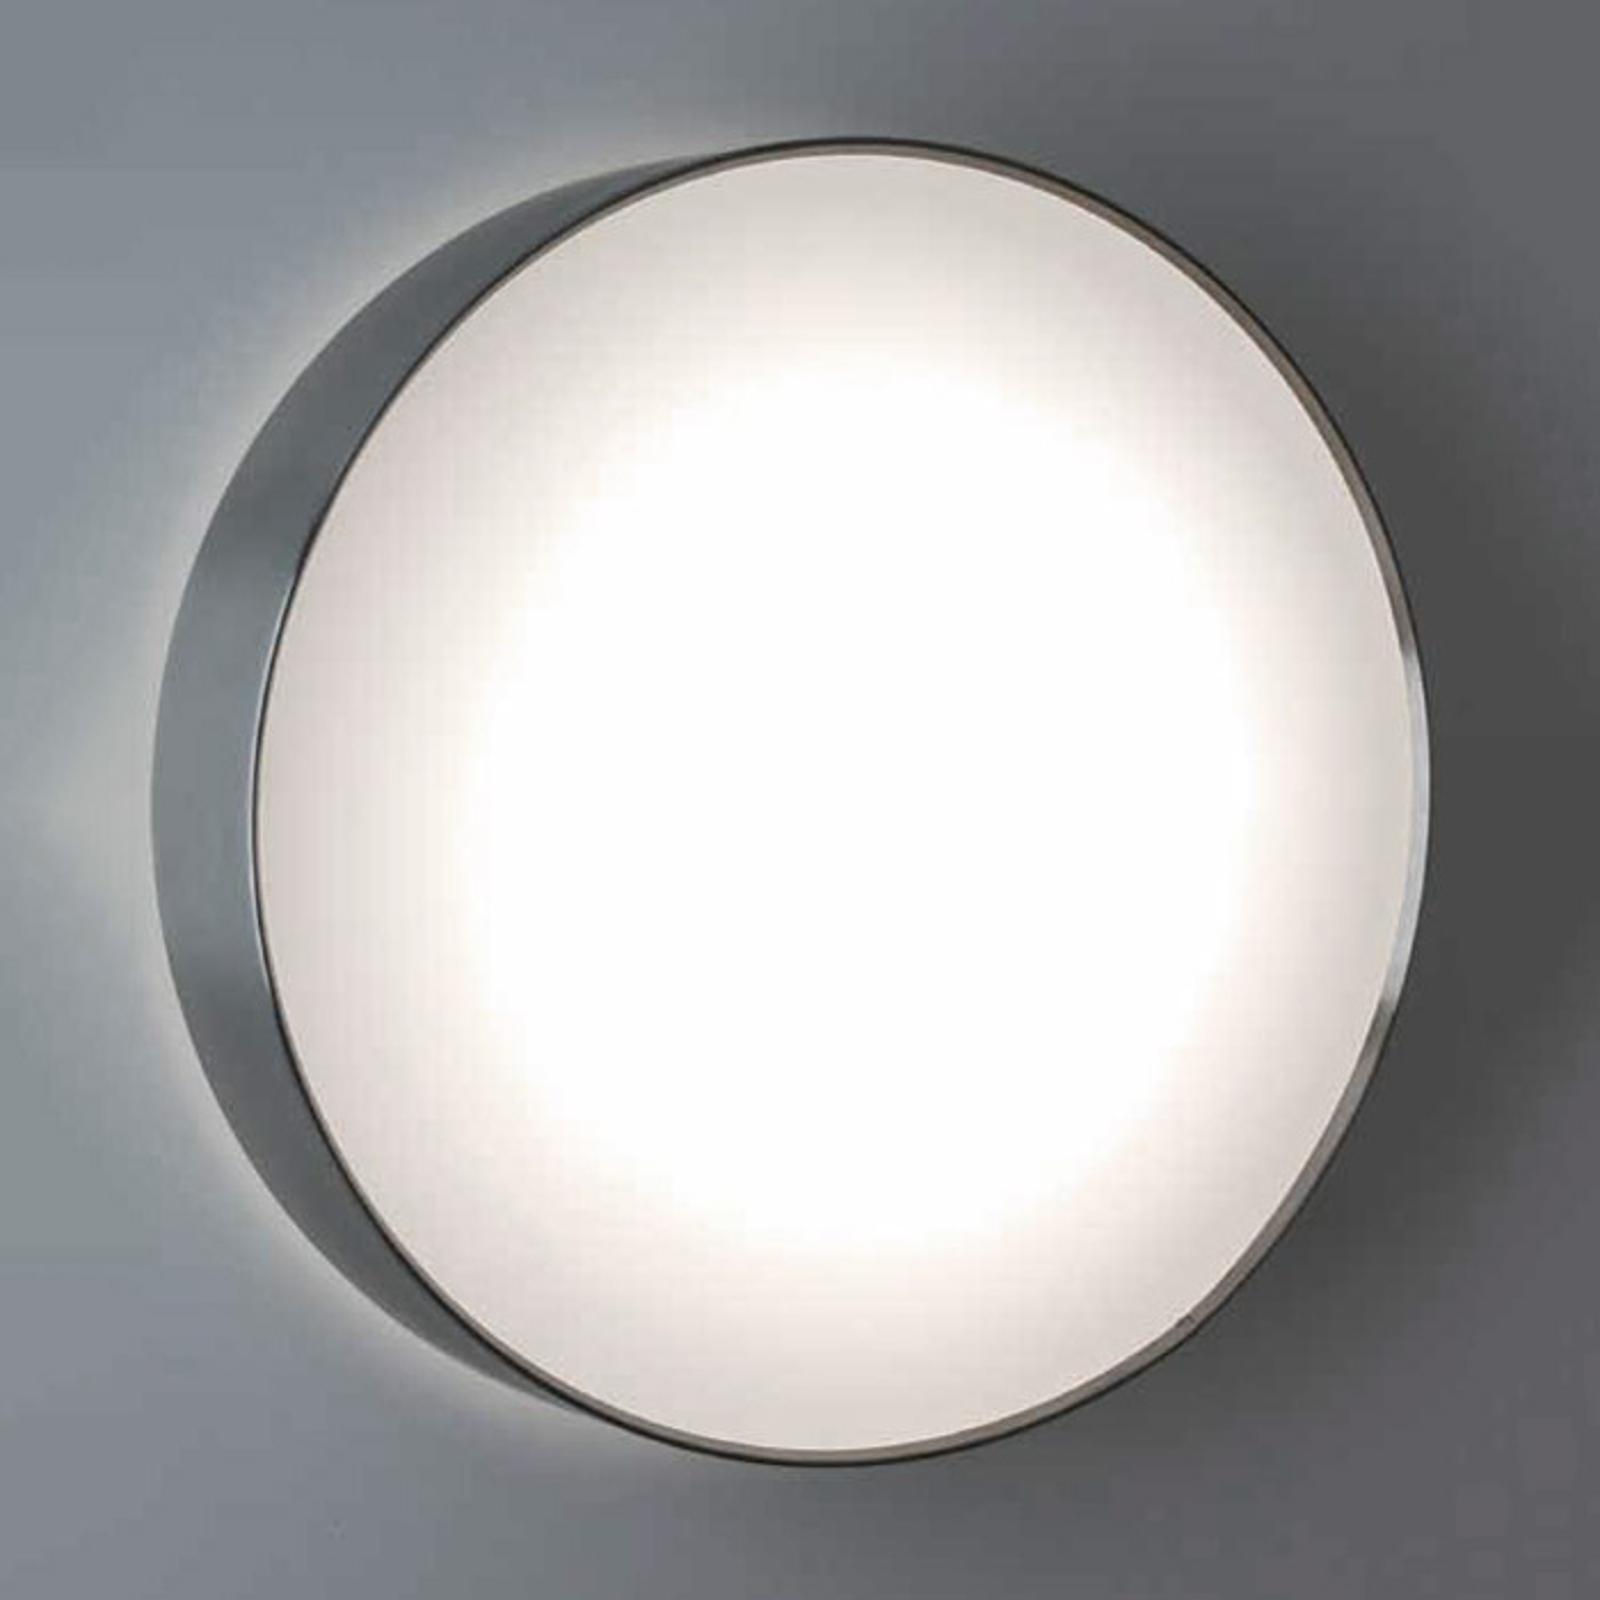 Aplique de acero inoxidable SUN 4 LED, 8W 4K